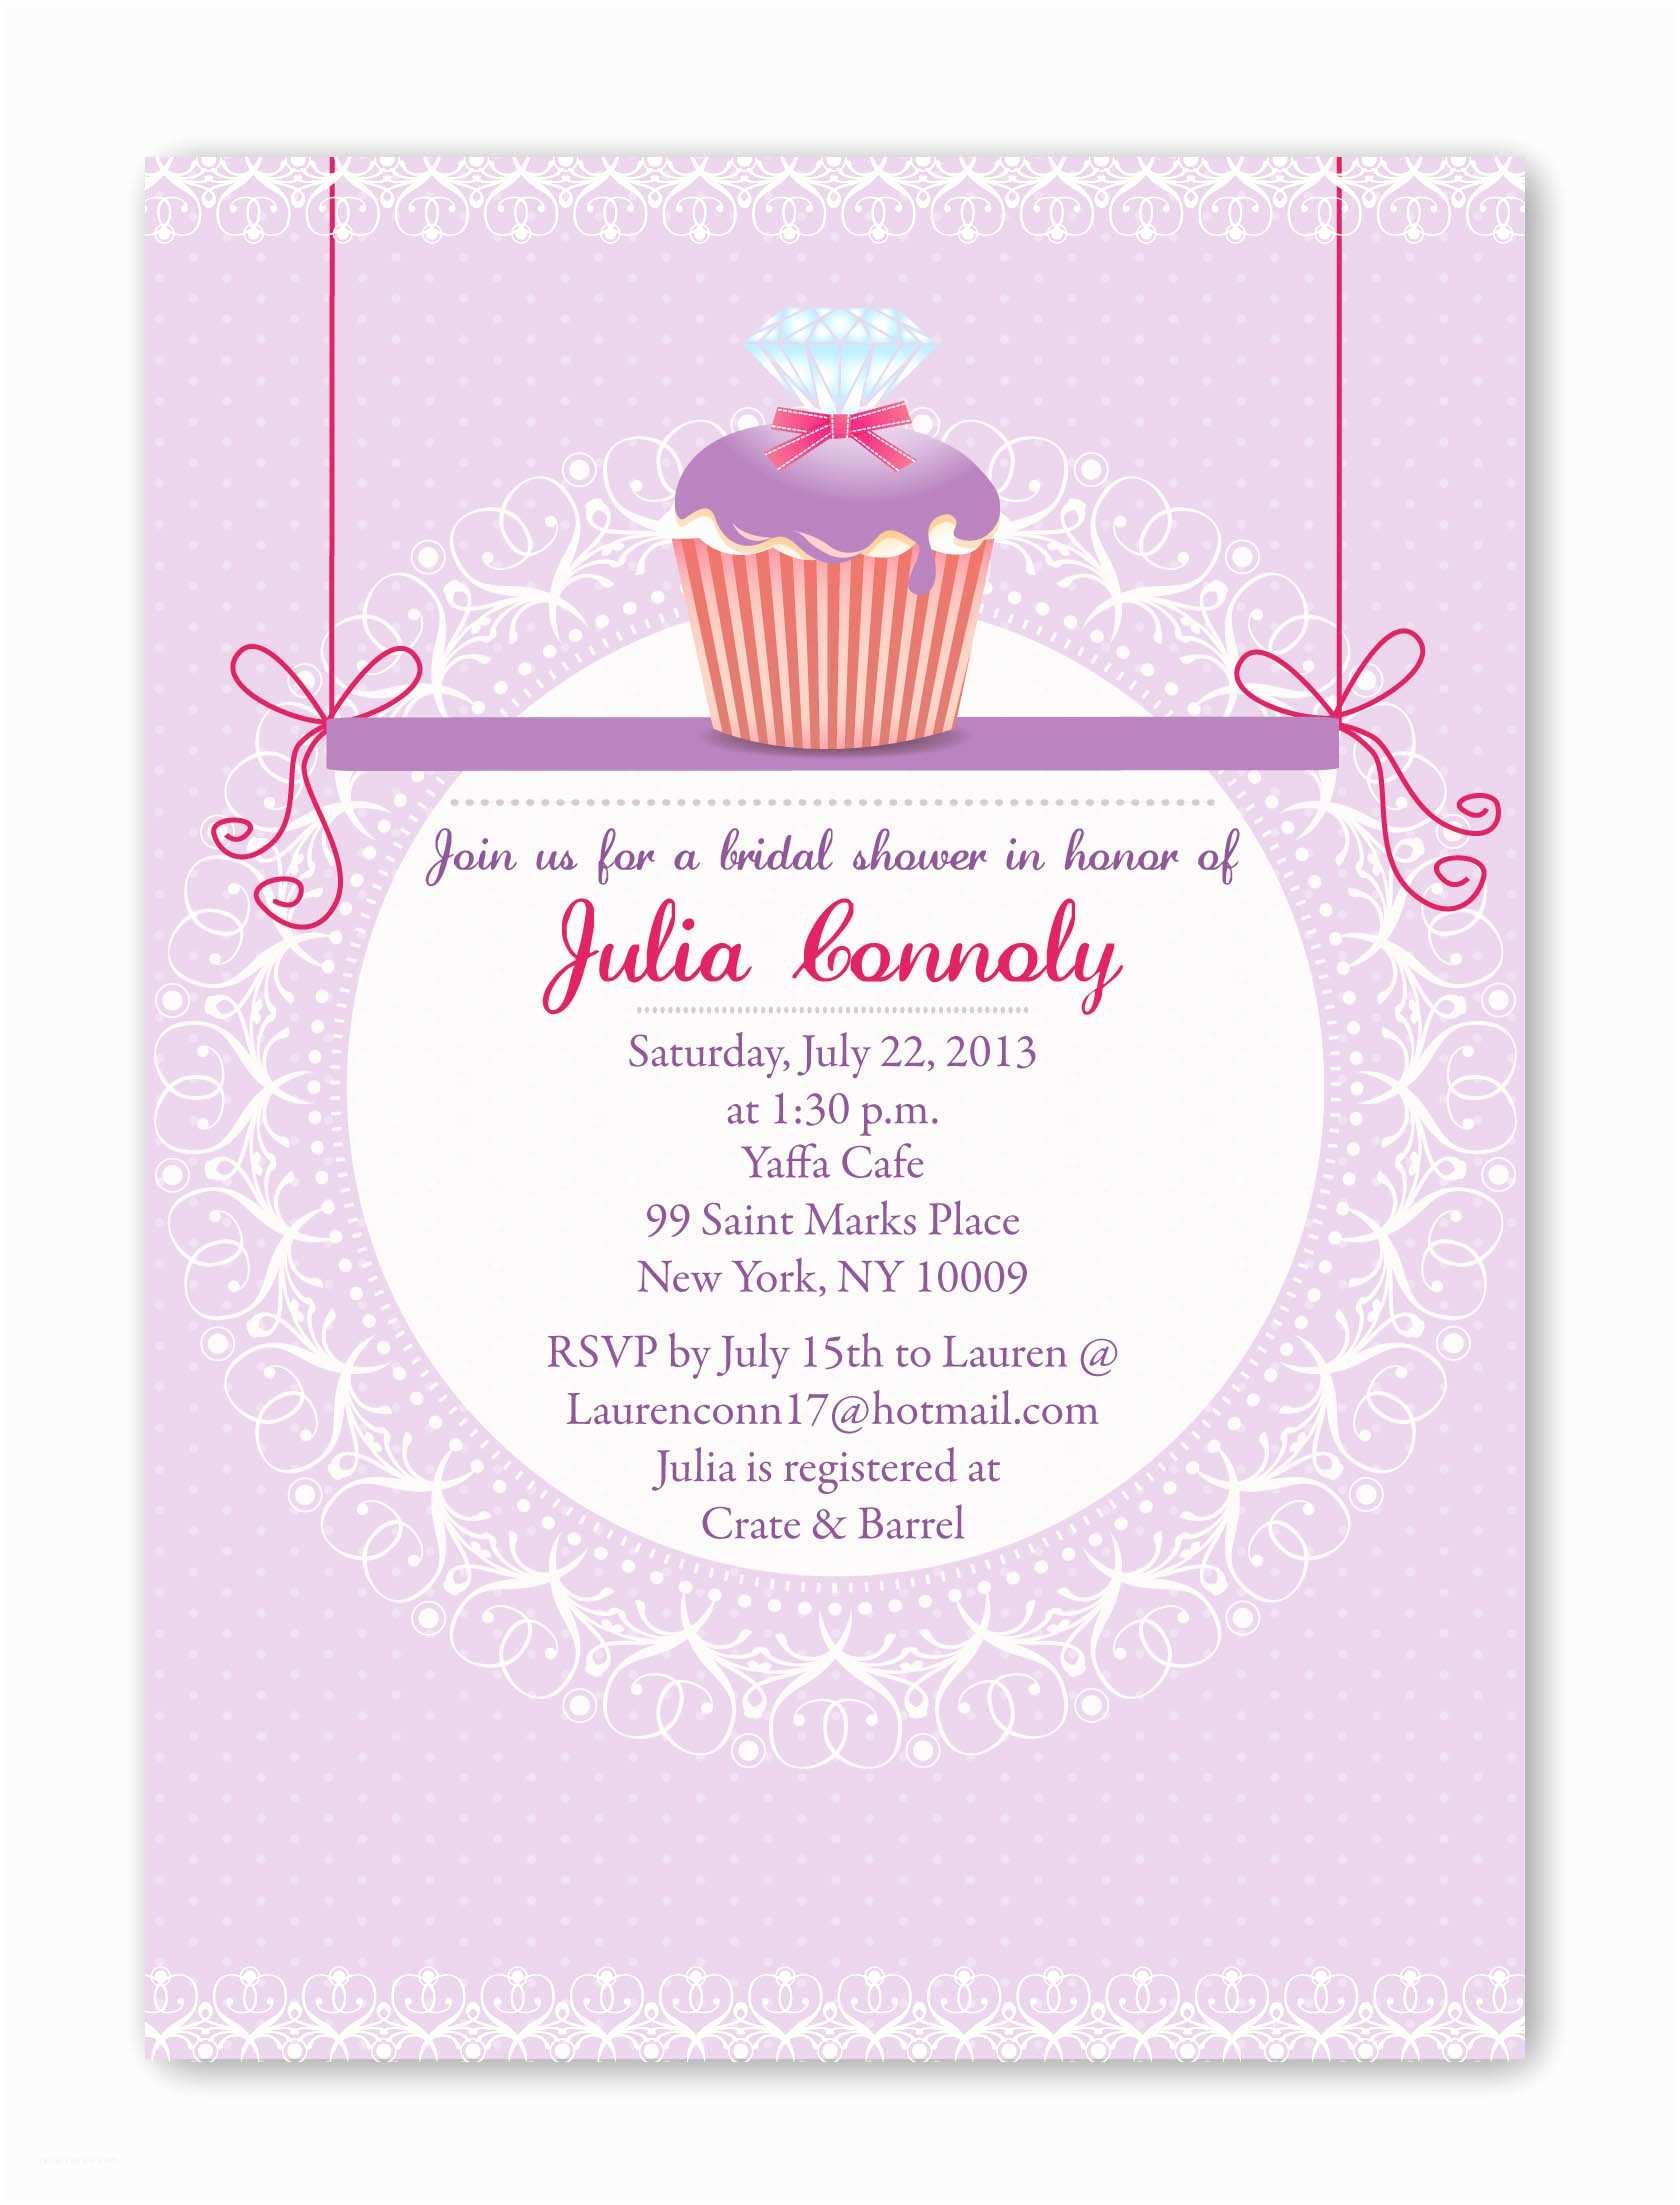 Bridal Shower Invitations Bridal Shower Invitation Rose Image